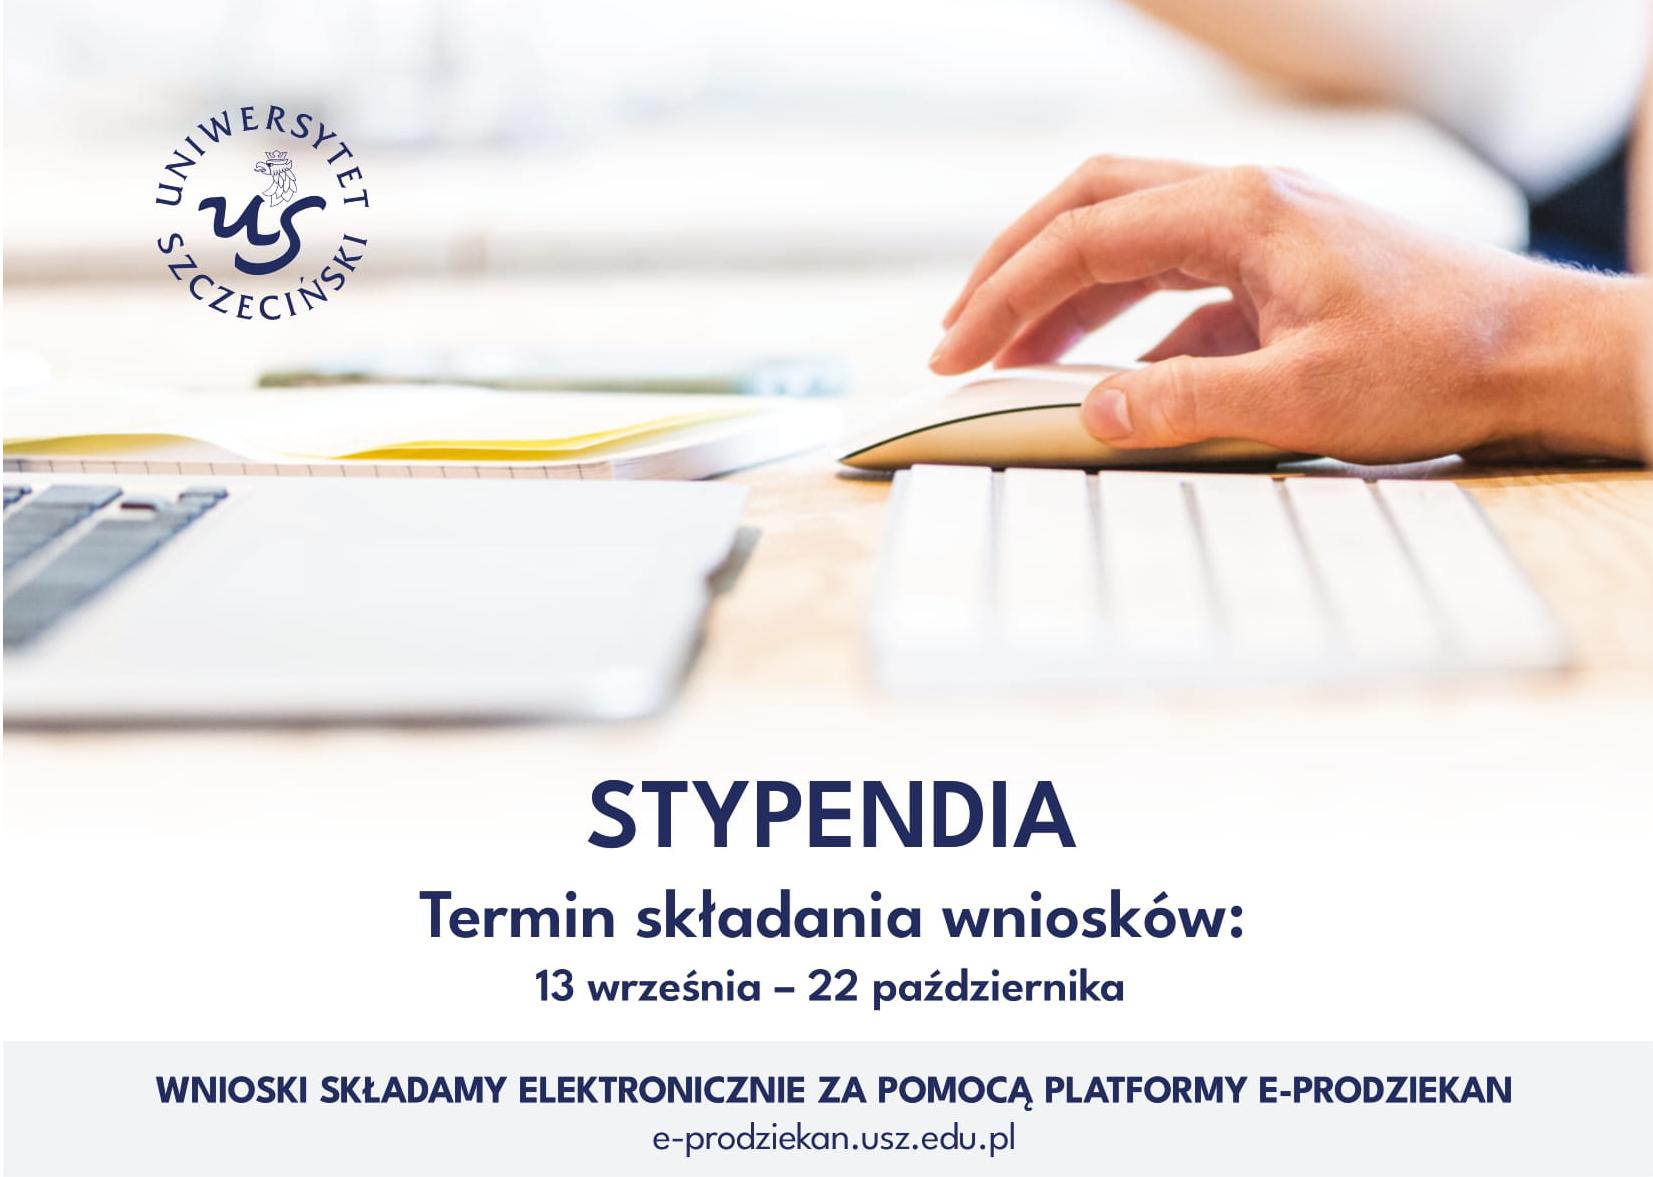 Stypendia – świadczenia w roku akademickim 2021/2022 [informacje]